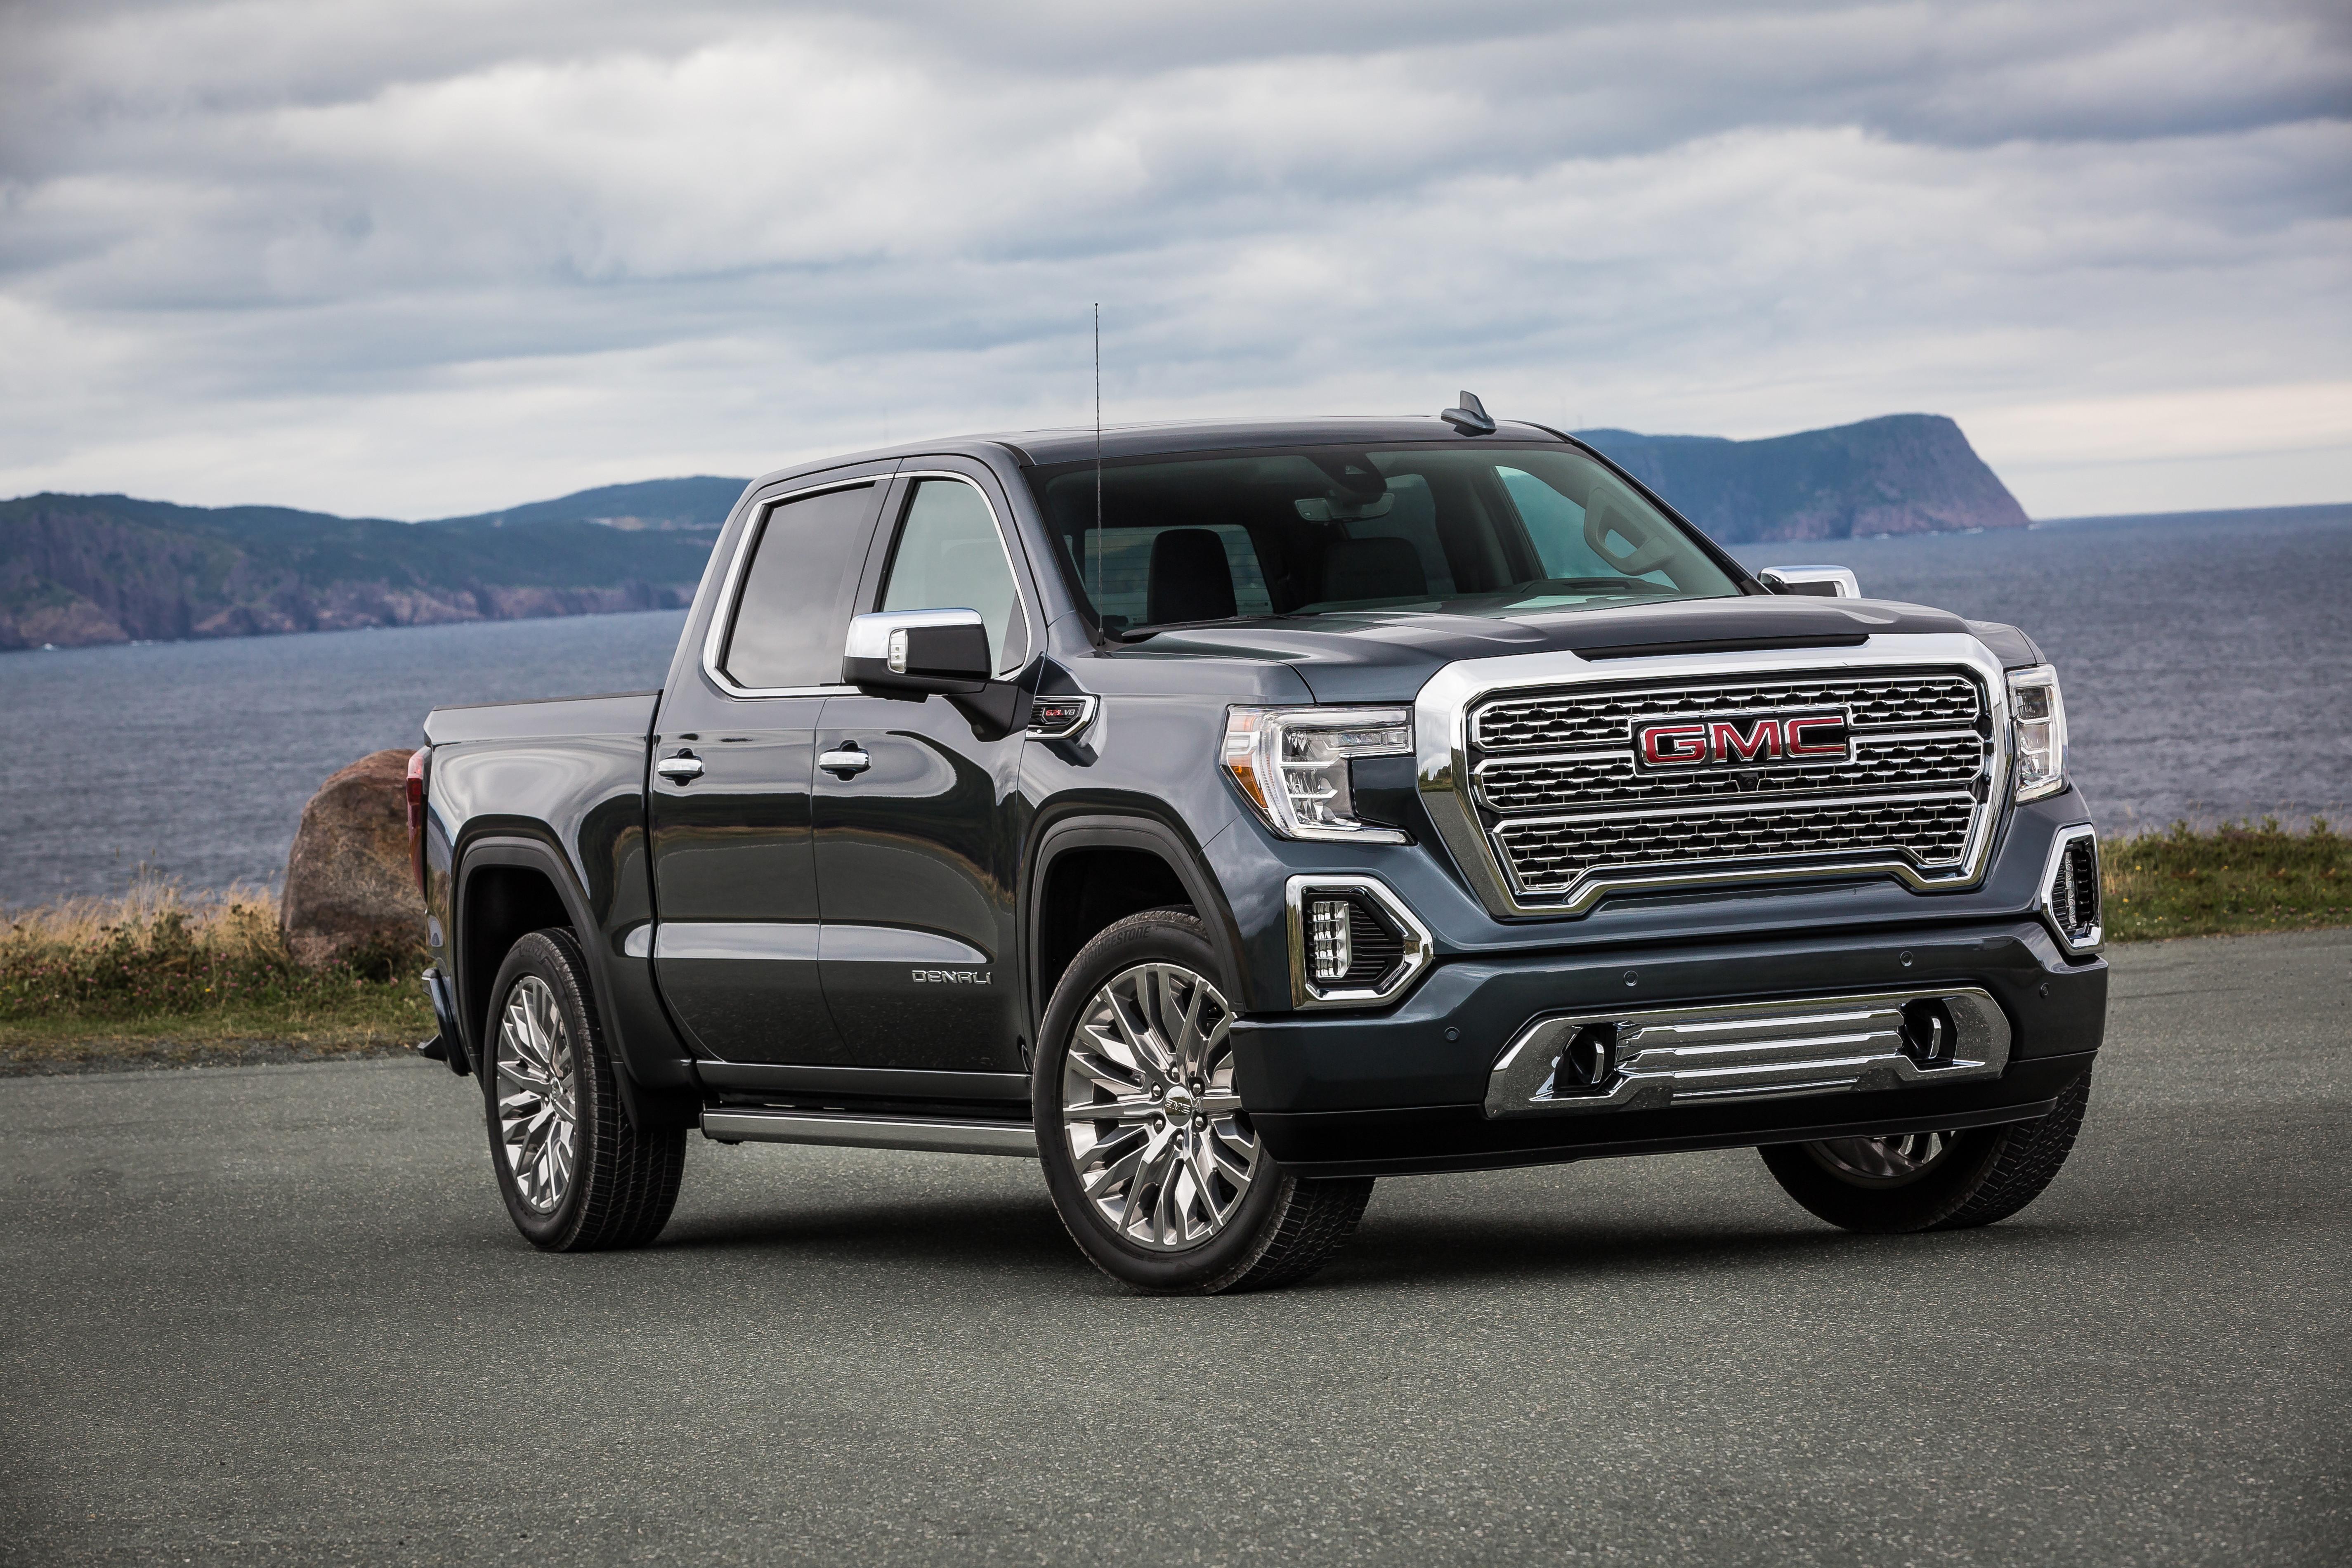 2020 Sierra Denali 1500 Pickup Truck Gmc